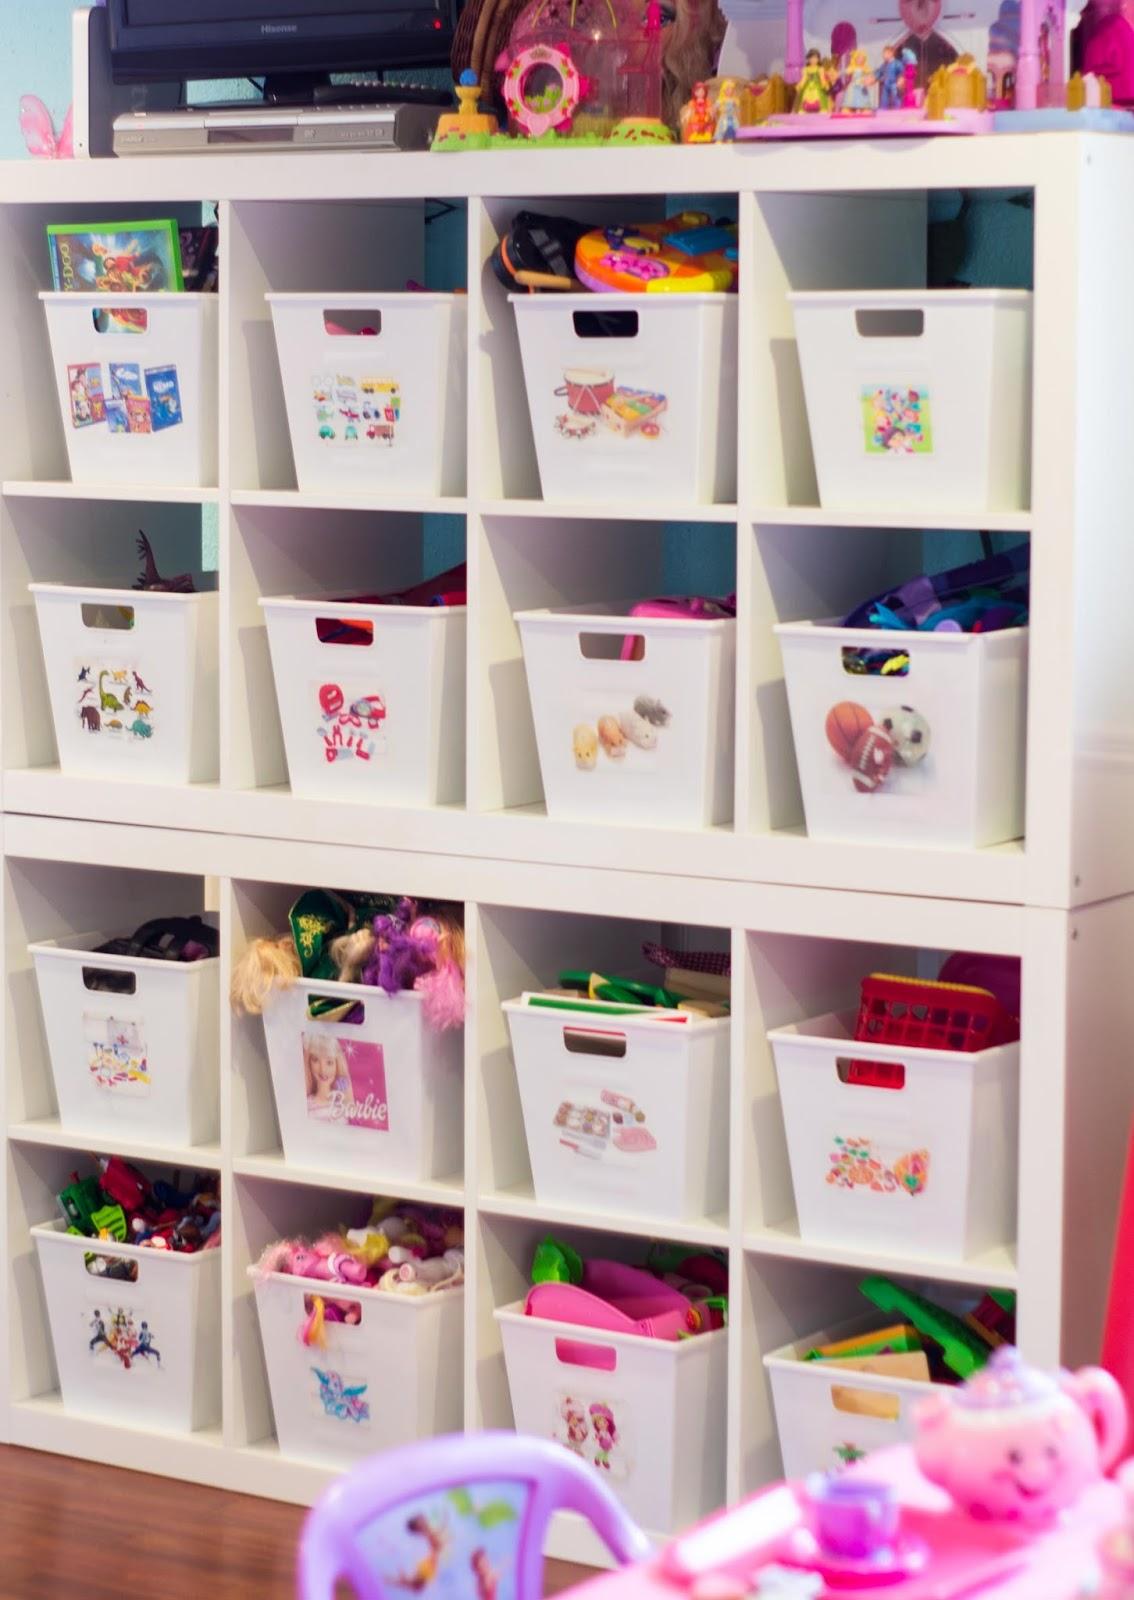 Toy Organizer Ideas Part - 49: Toy Hacks 6